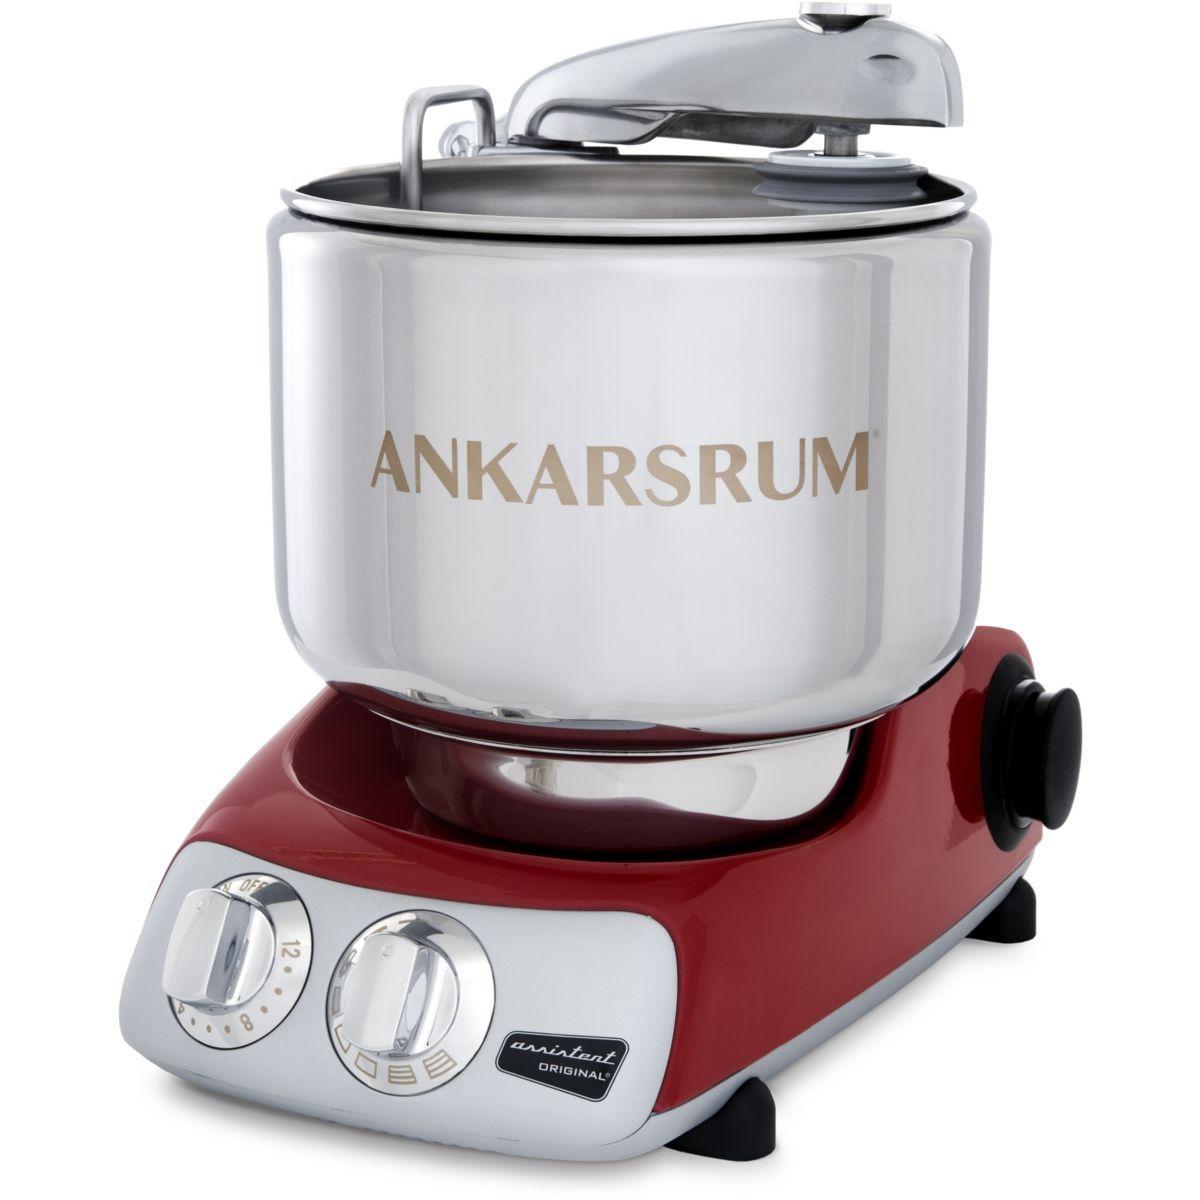 P�trin ankarsrum 6230 rouge - 15% de remise imm�diate avec le code : paques15 (photo)